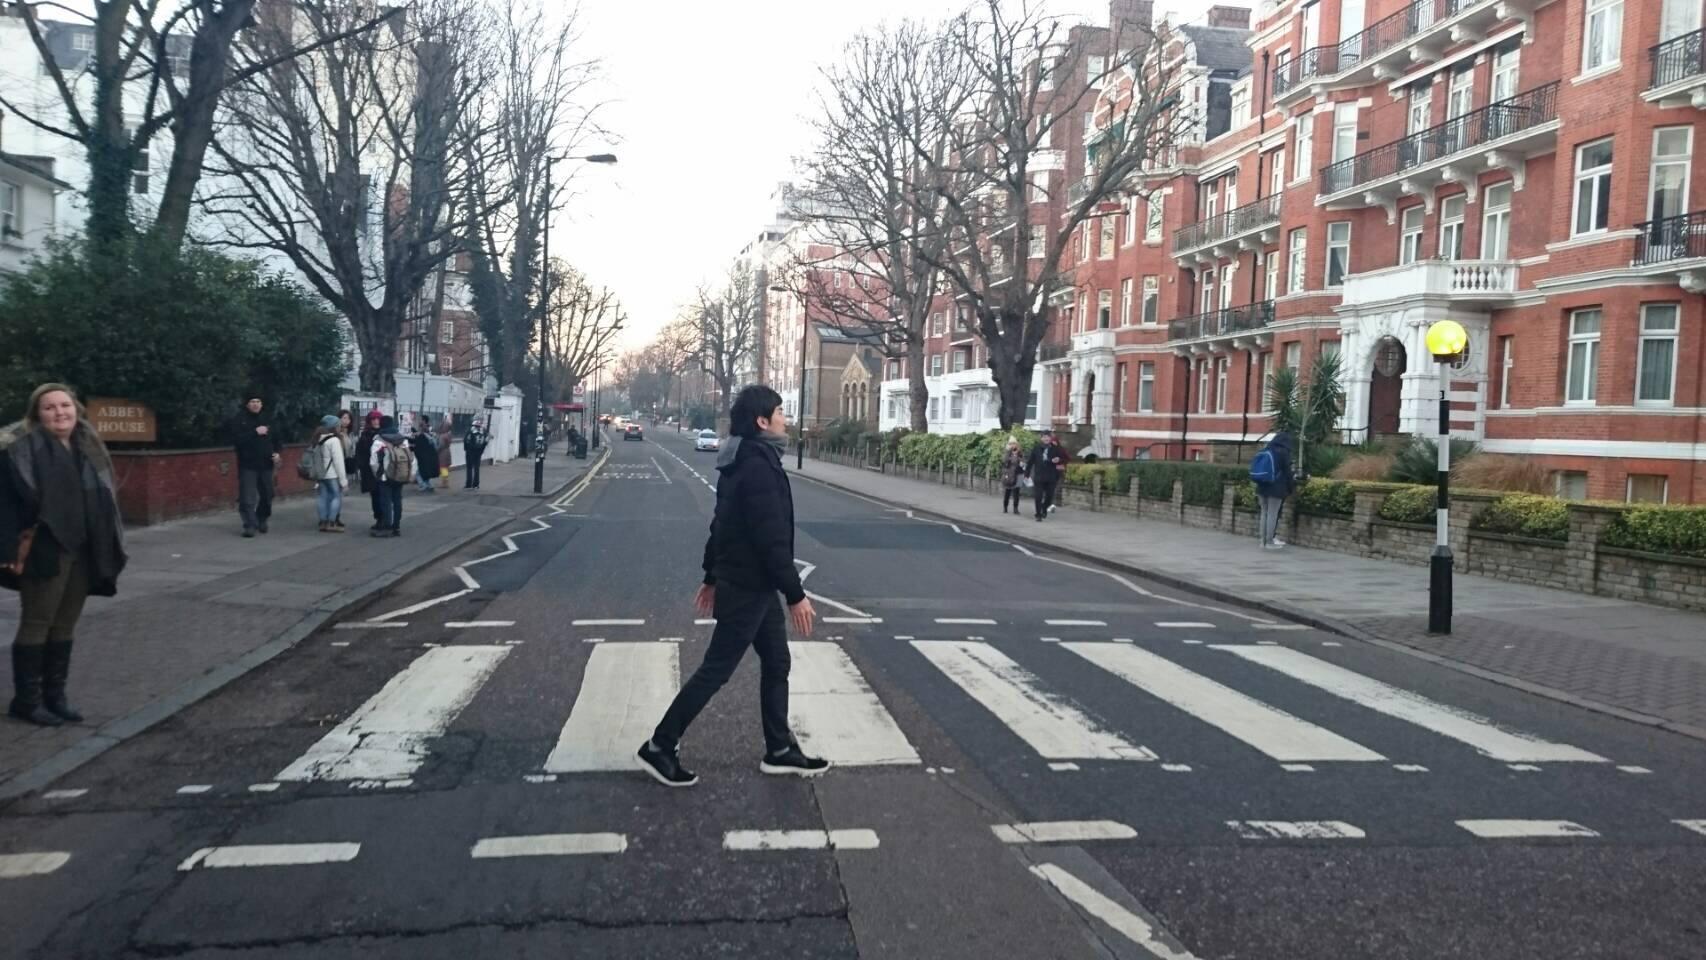 ビートルズ「アビーロード」世界一有名な横断歩道